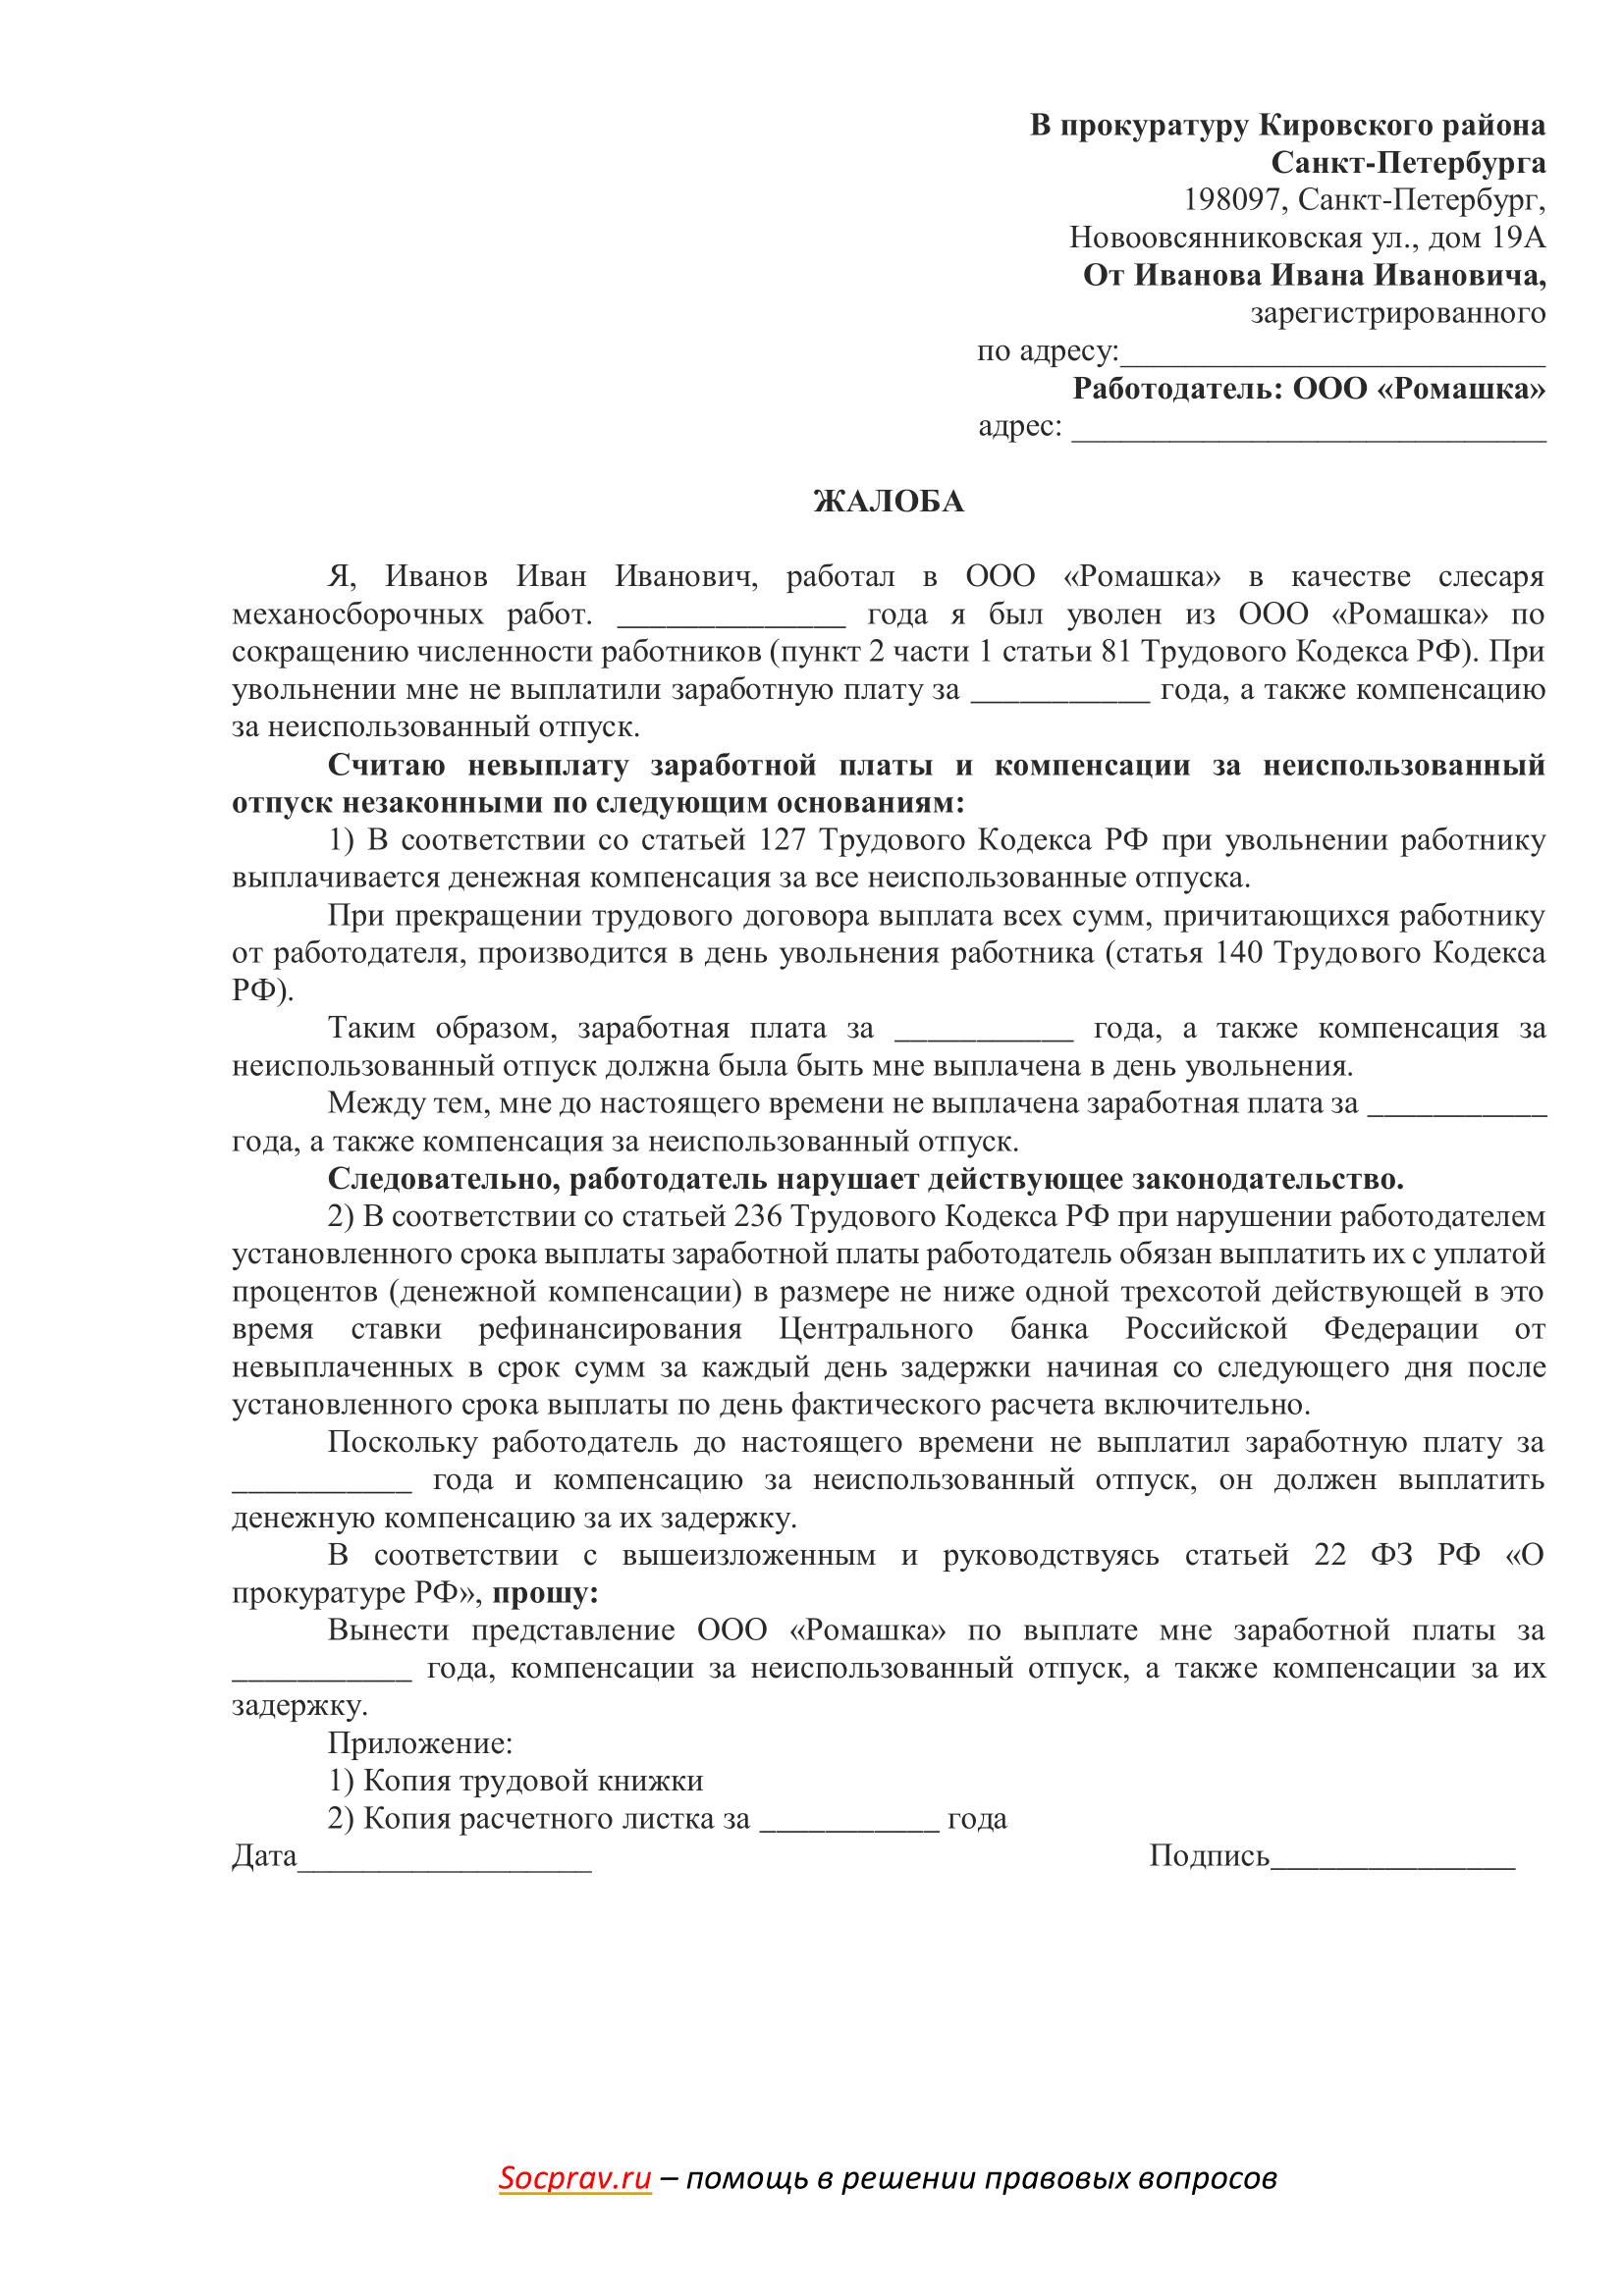 Жалоба на работодателя в прокуратуру